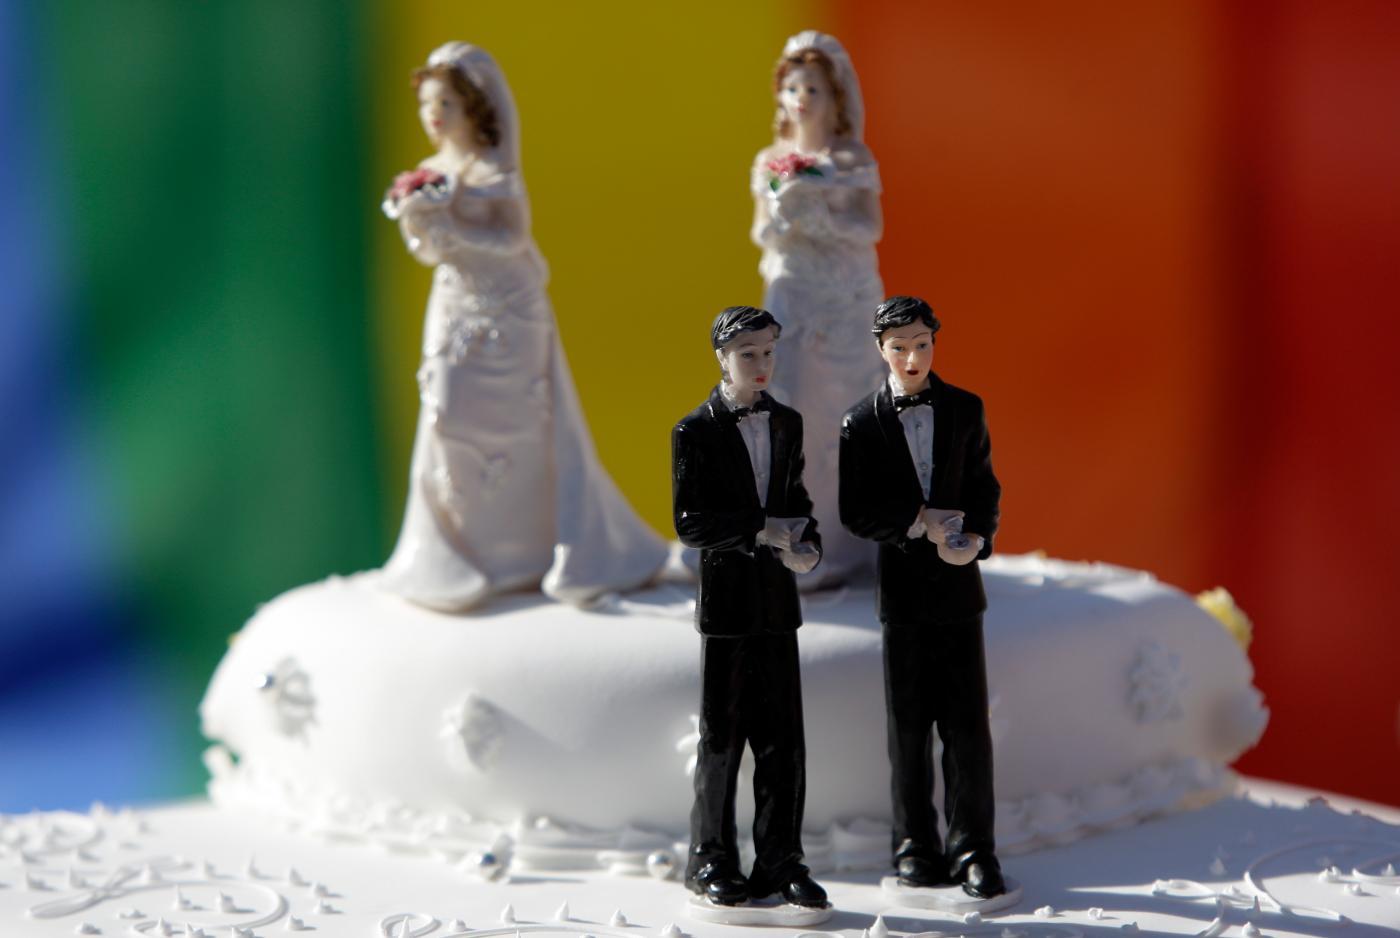 matrimonio-gay-torta